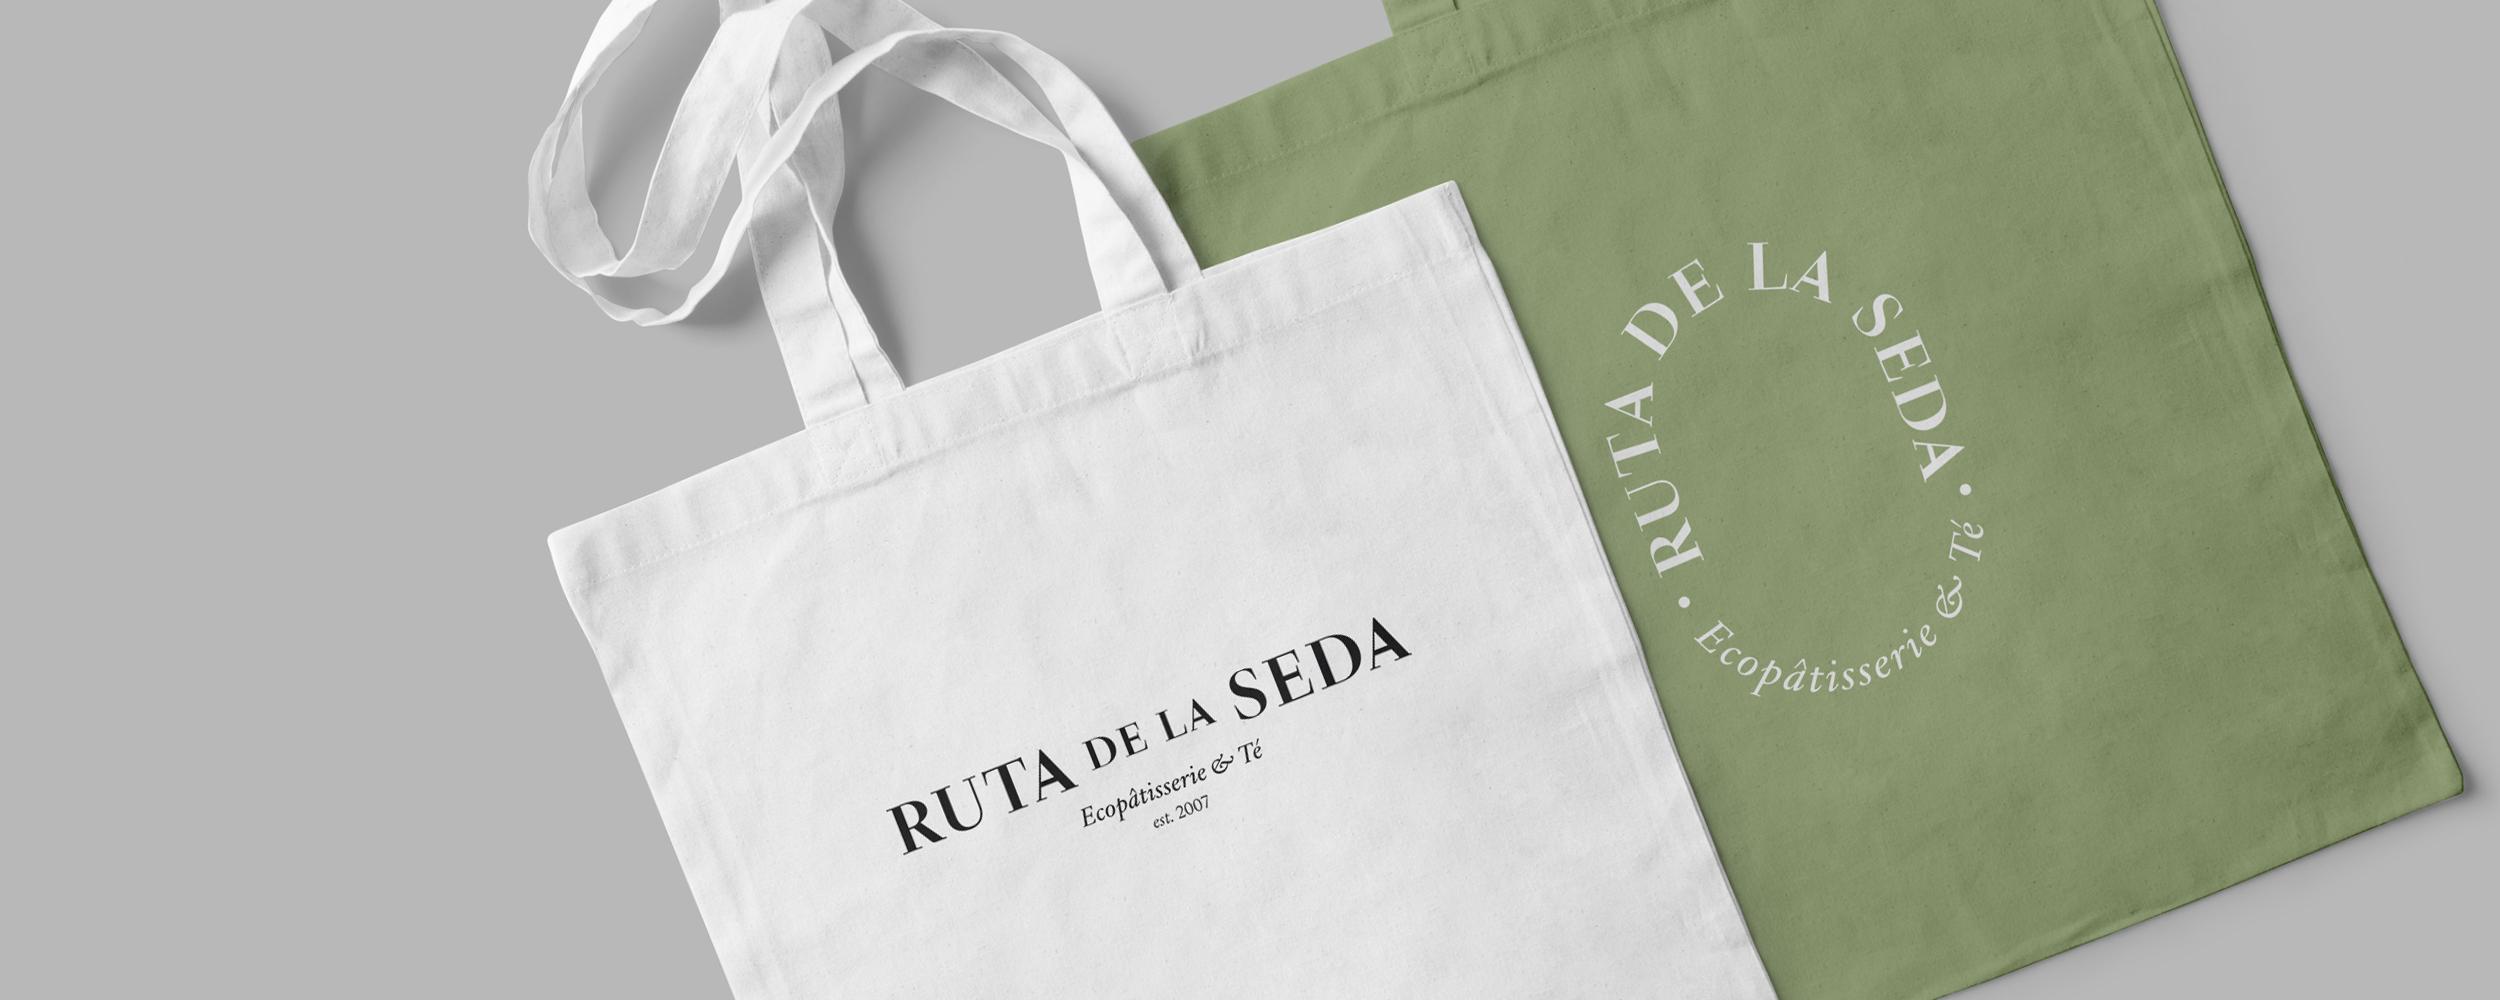 Cafe Ruta de la Seda